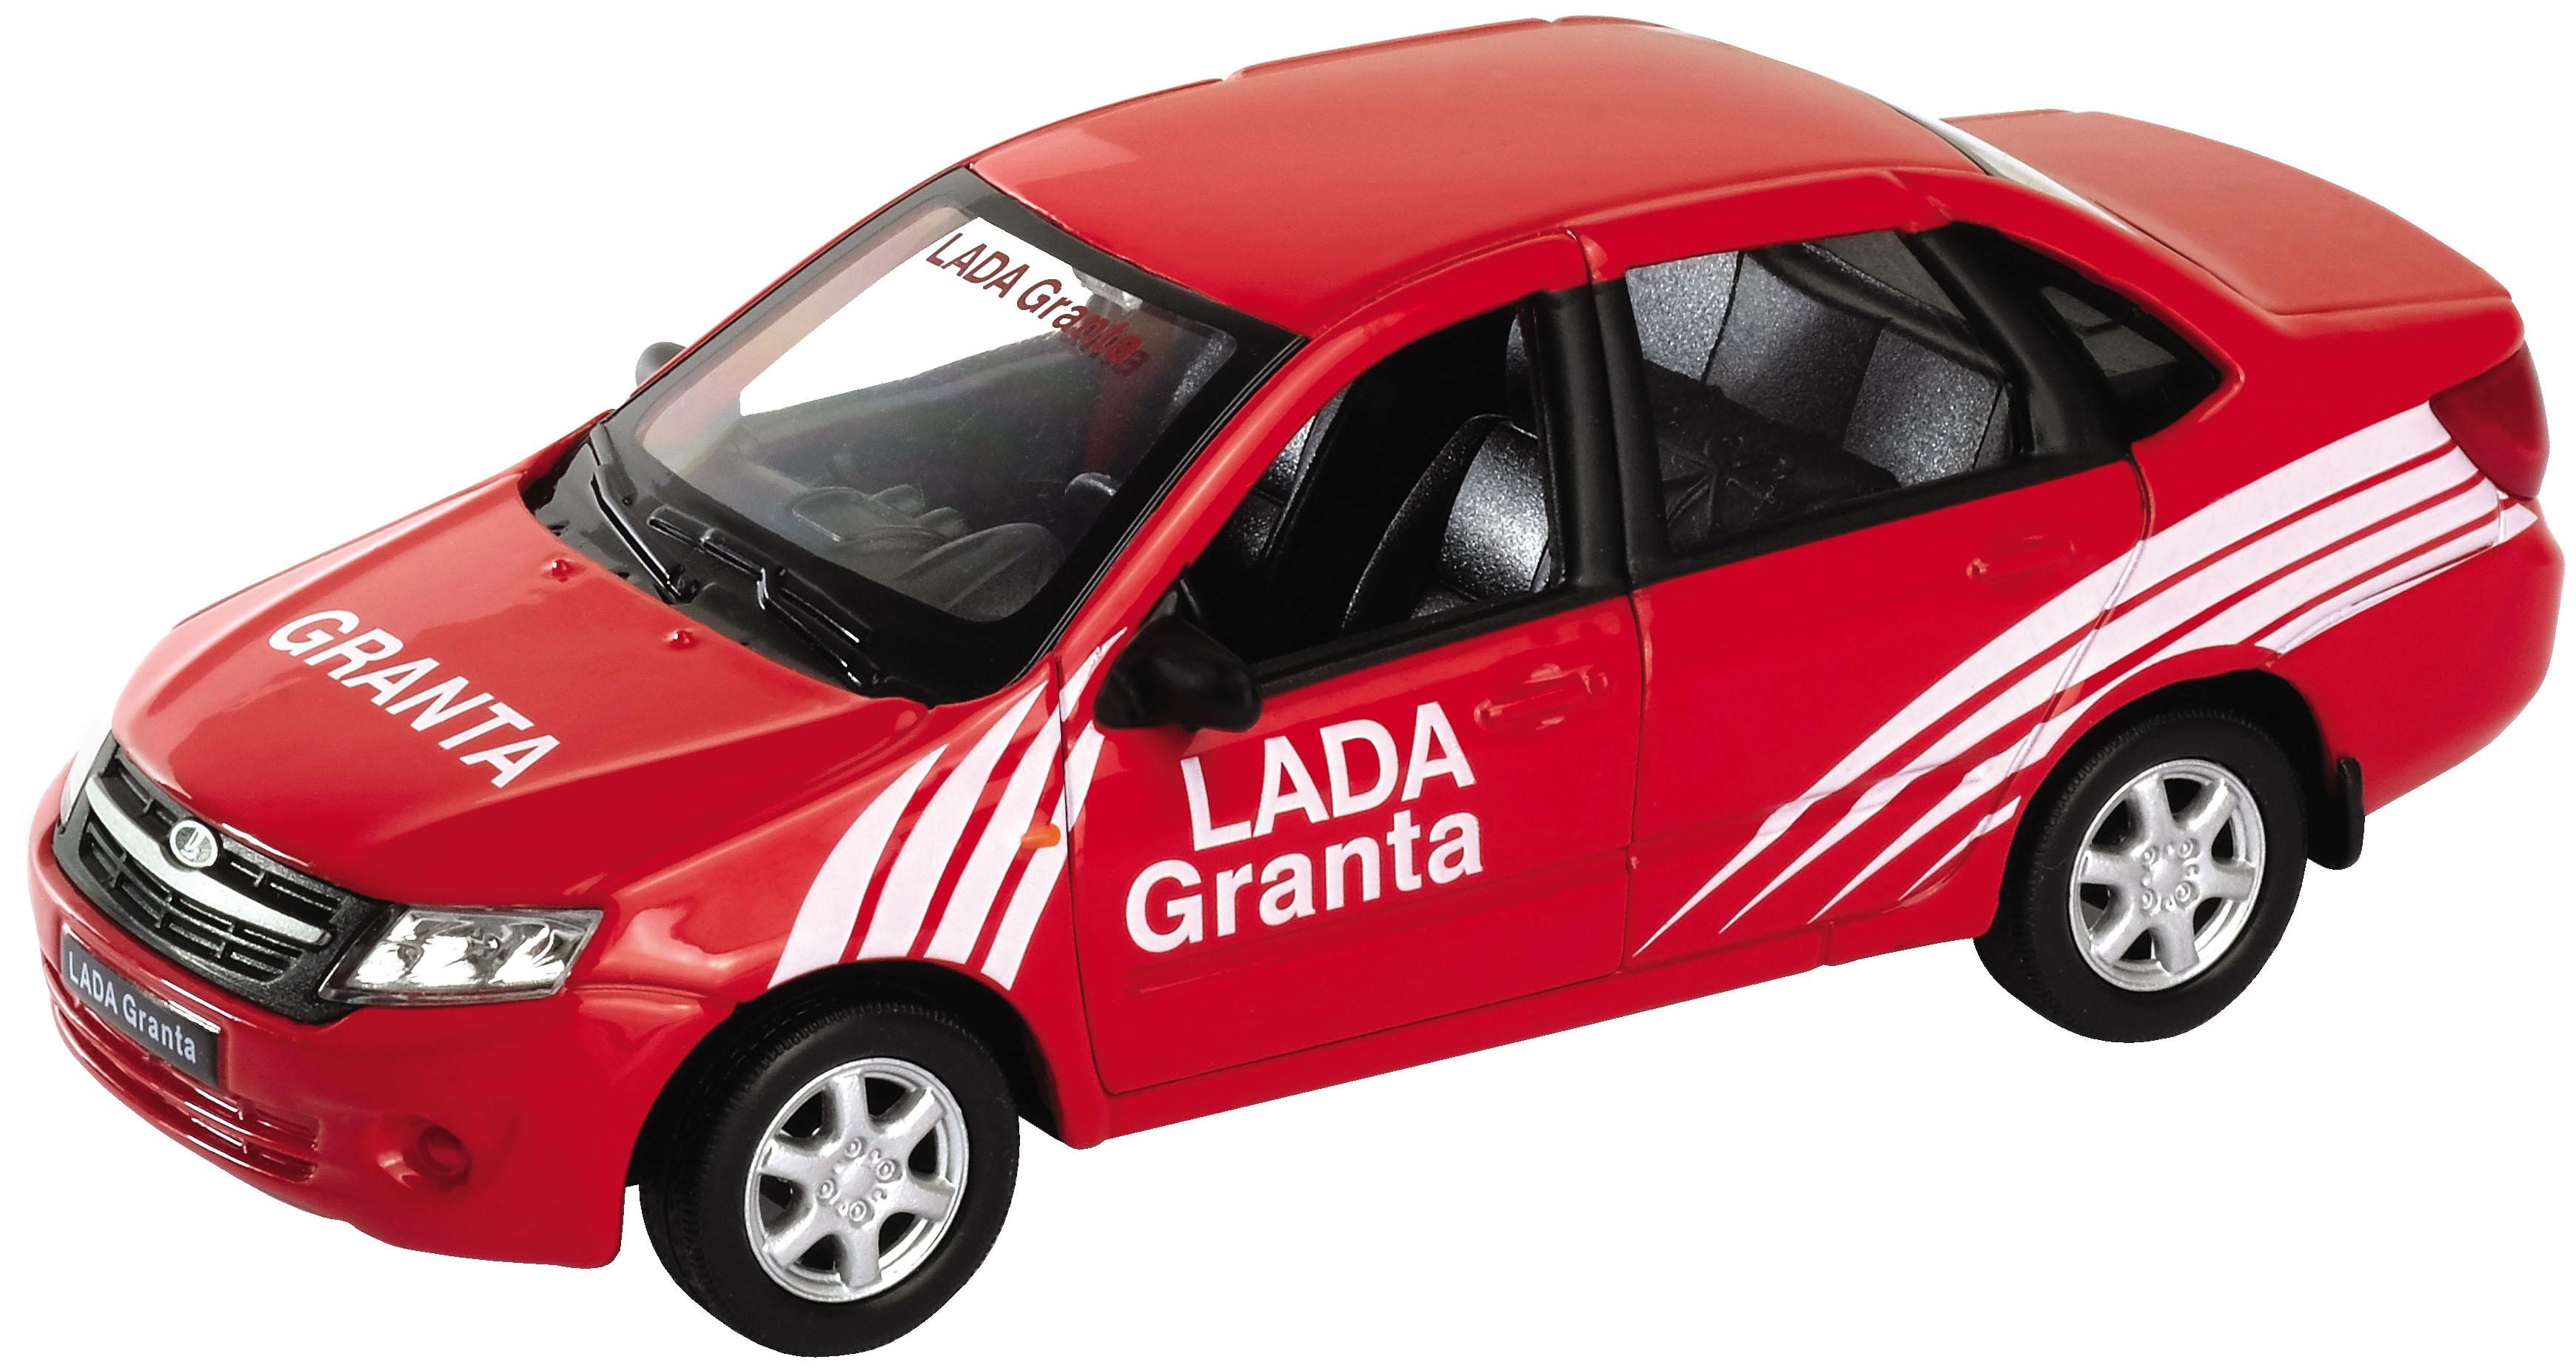 Машинки и мотоциклы Welly Модель машины Welly «Lada Granta Rally» 1:34-39 welly 43657fs модель машины 1 34 39 lada granta пожарная охрана